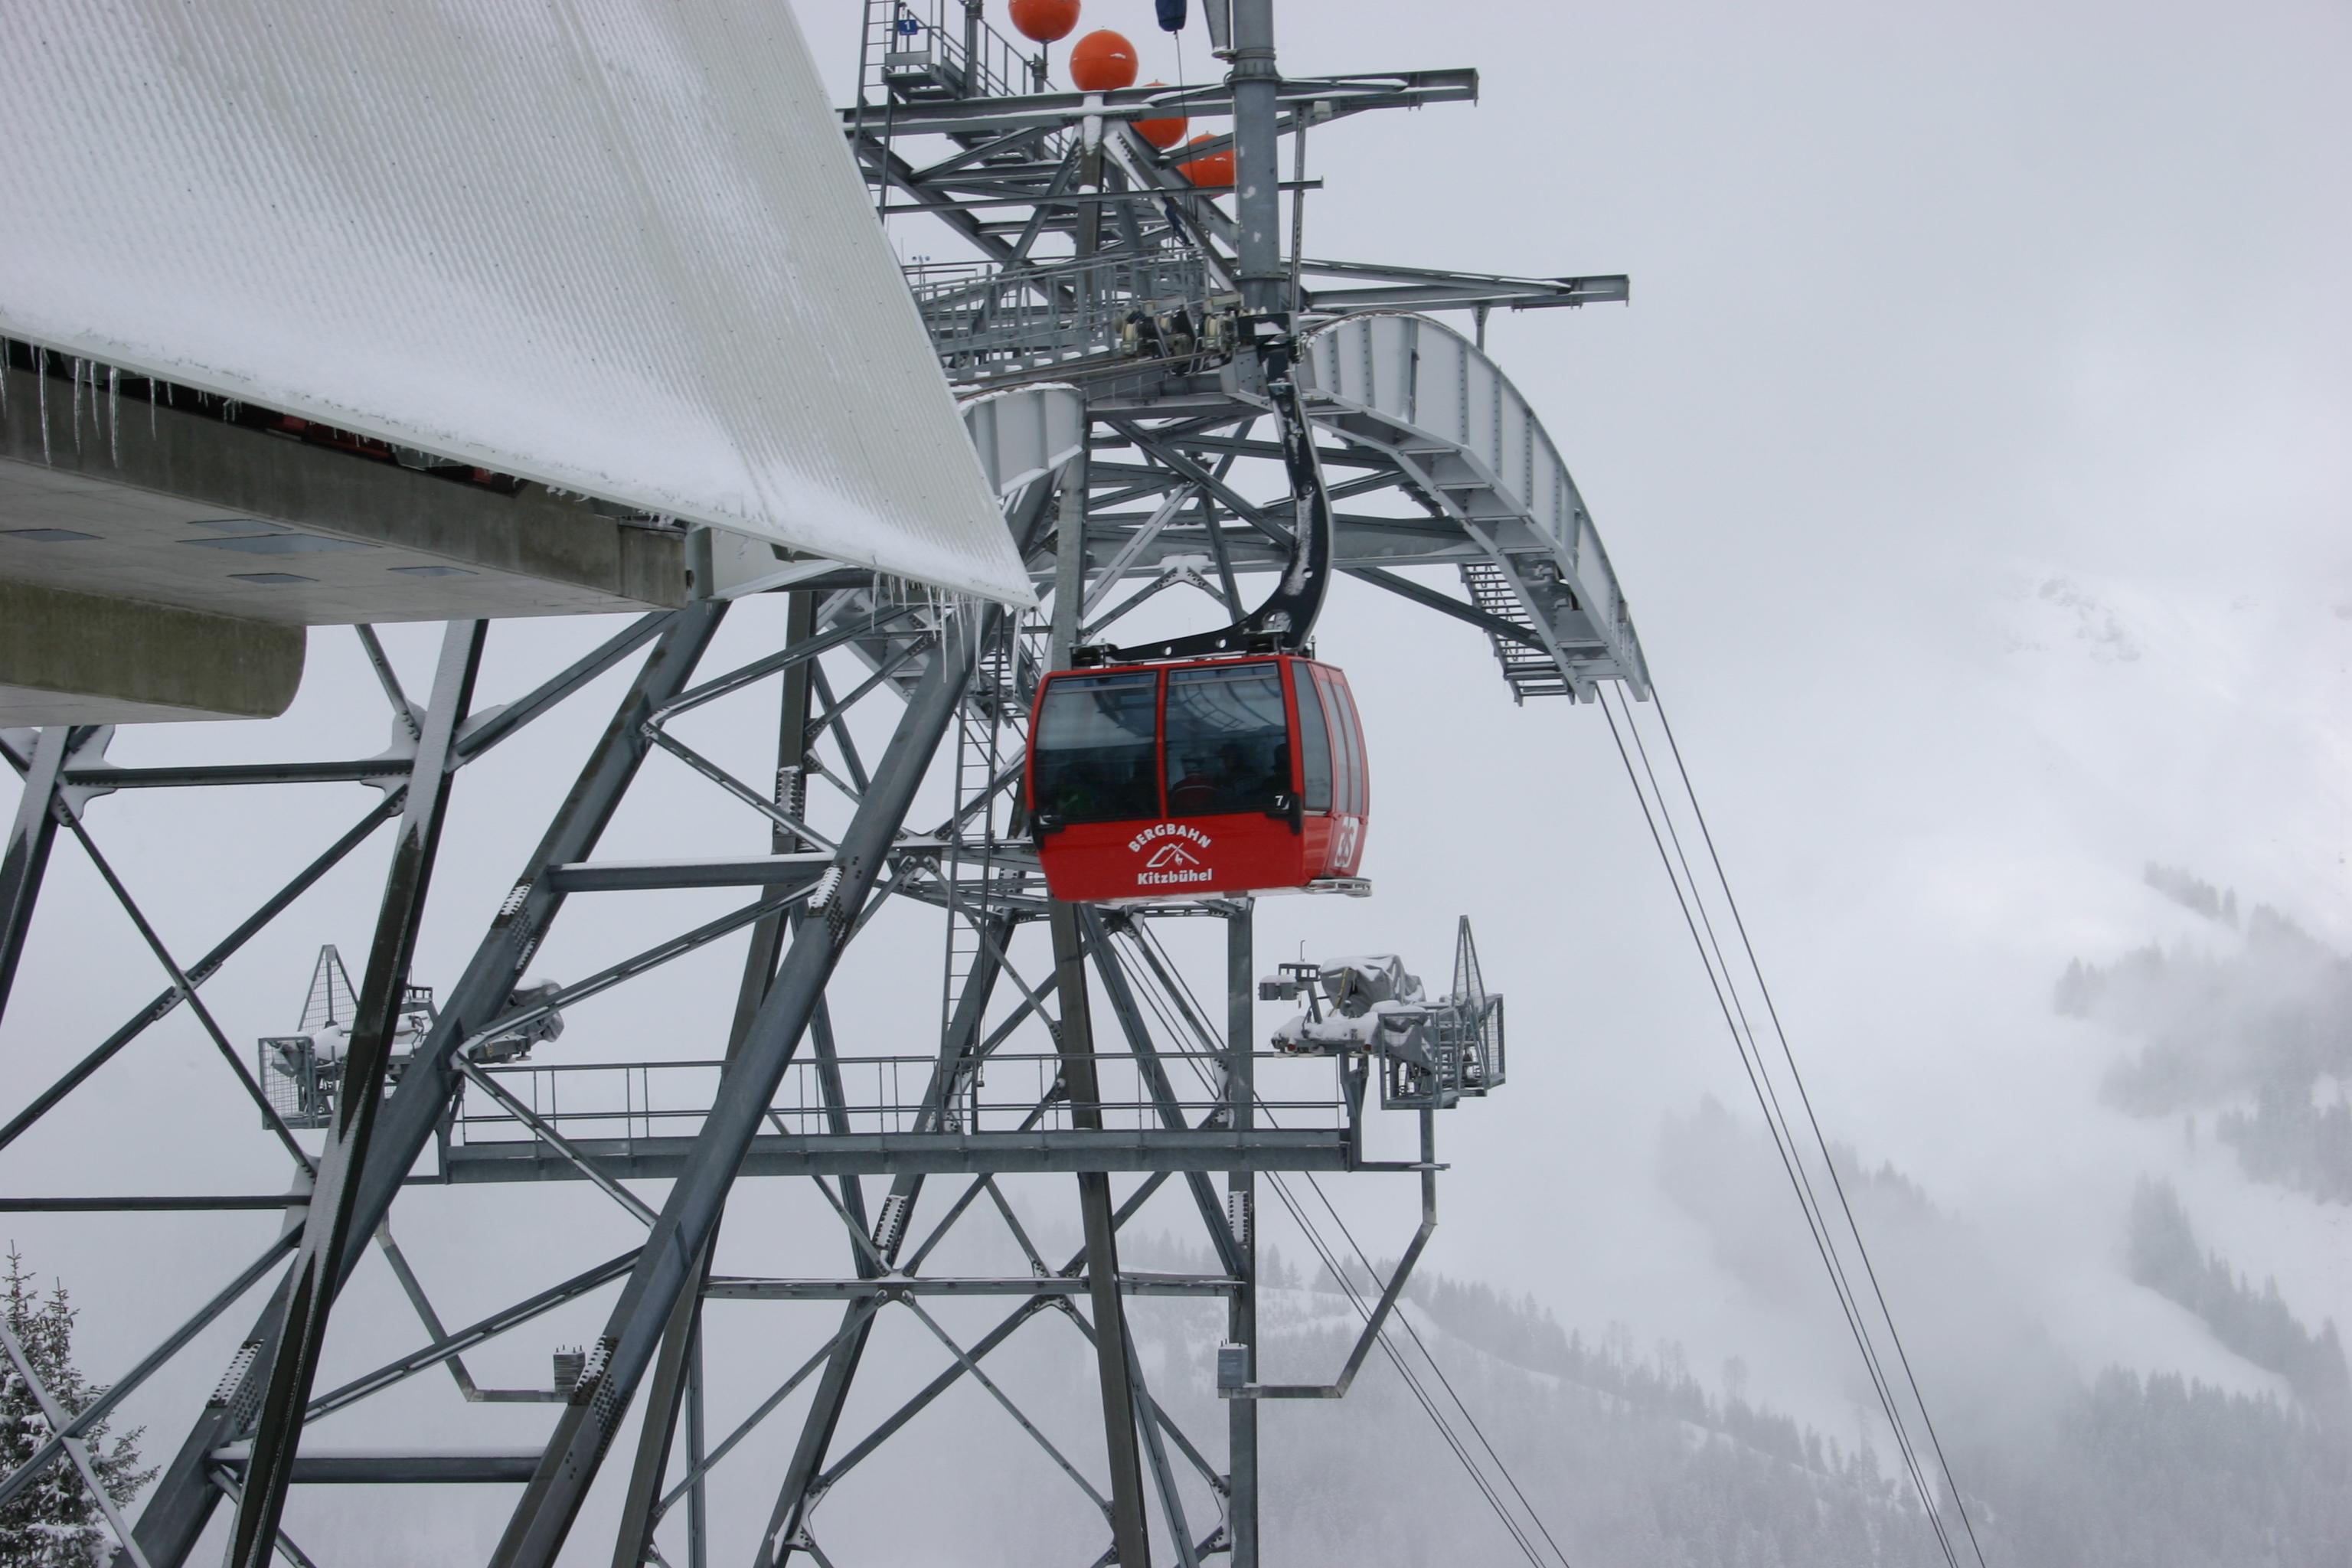 Kitzbüheler Alpen 467 - Dag 6